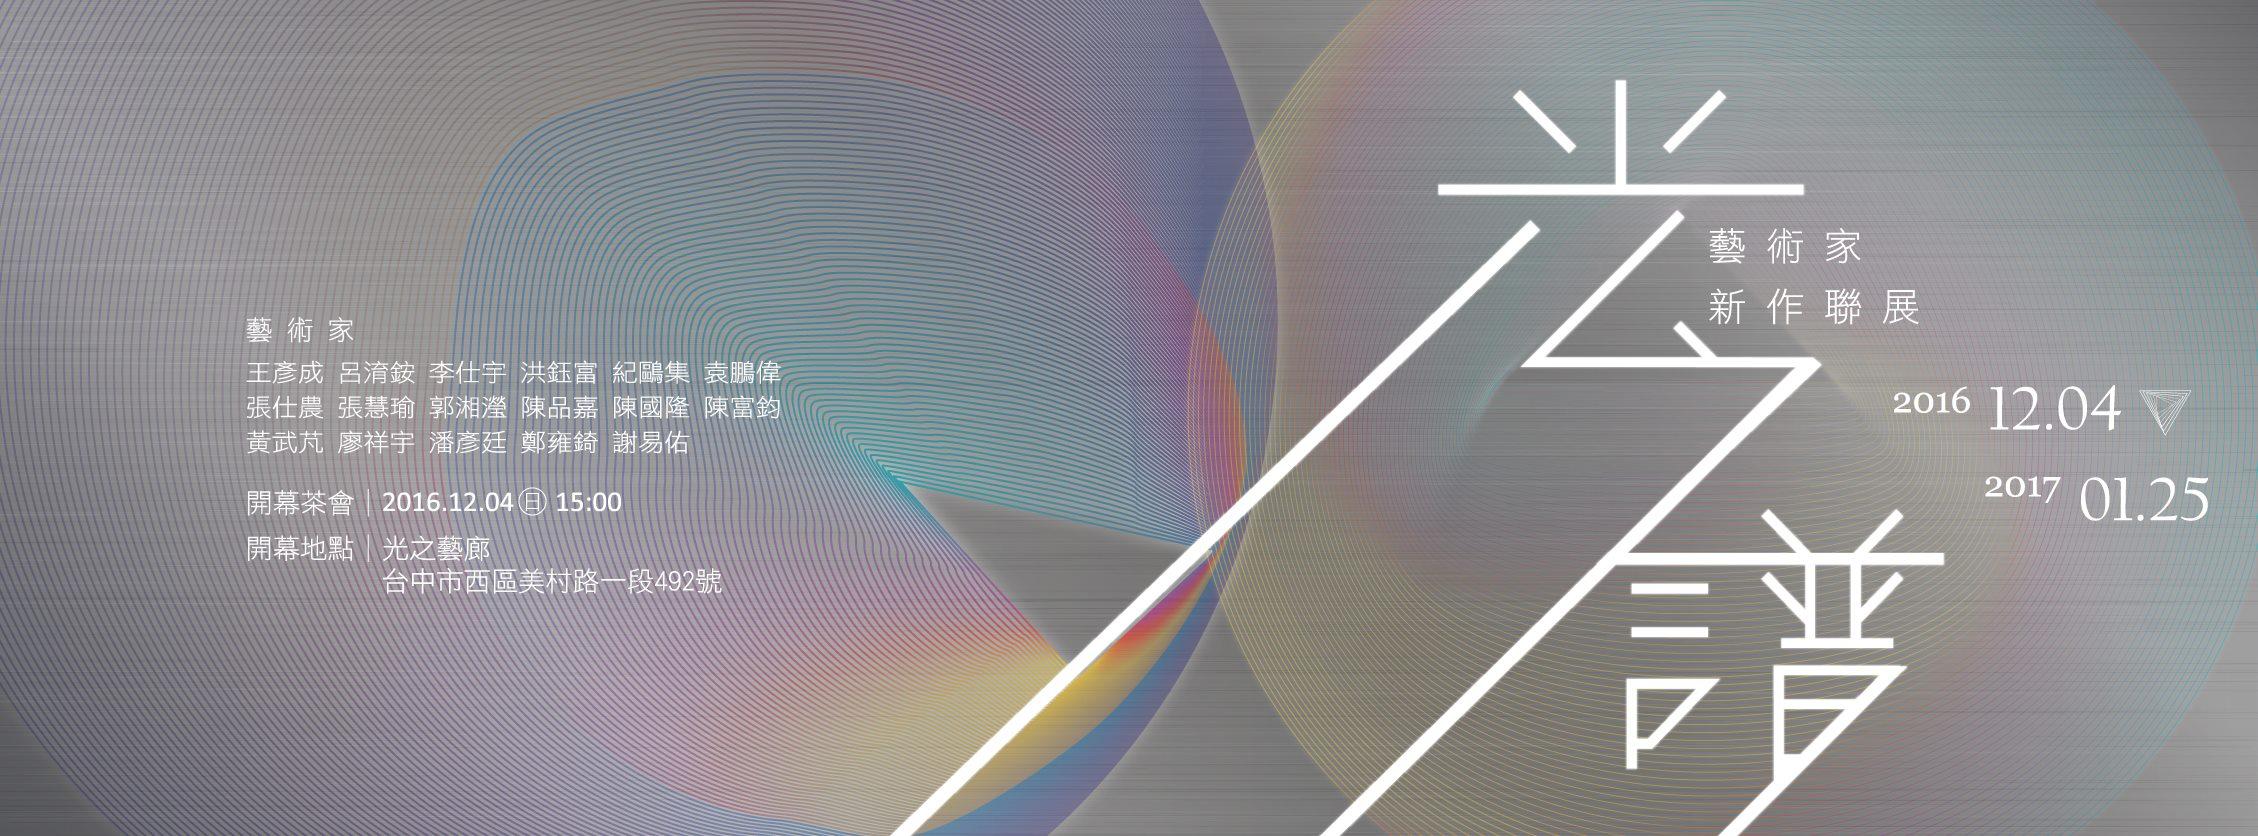 【光之譜─光之藝廊年度藝術家新作聯展】 2016.12.04(日)~2017.01.25(三)